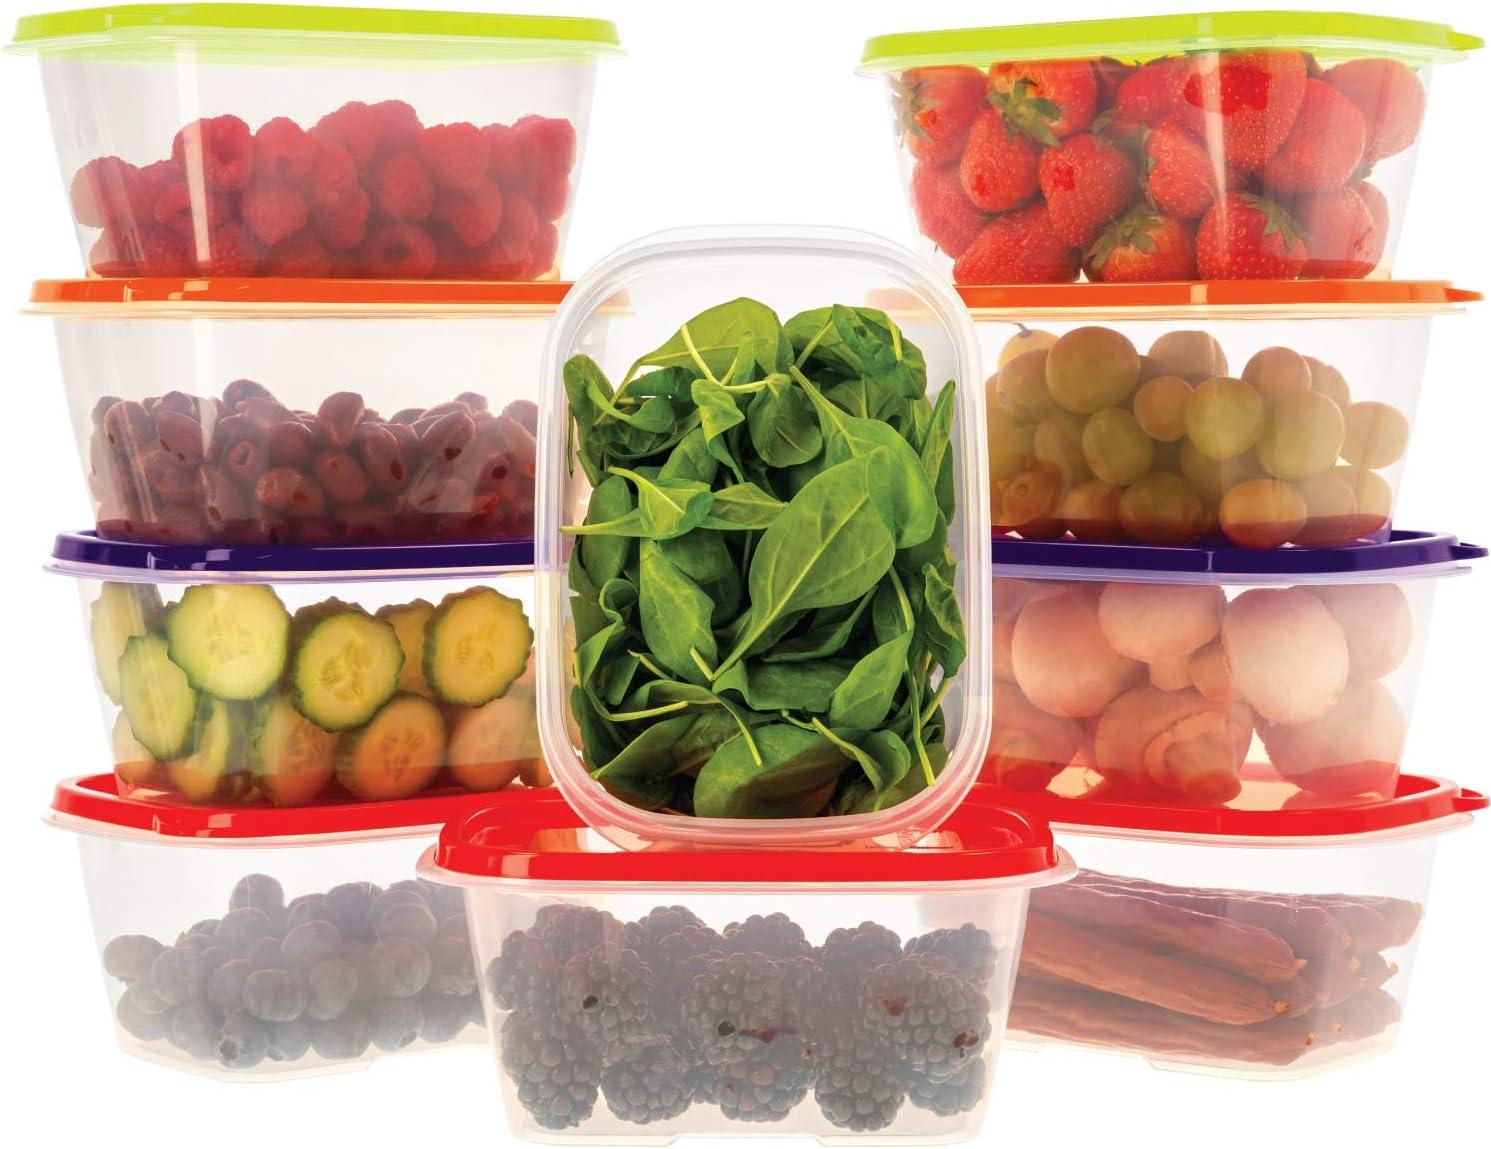 Oursson Recipientes Plastico para Alimentos Almacenaje Cocina con Tapas Multicolor | Set de 10 Piezas x 1L | Sin BPA | Tapers para Comida Hermetico | Lunch Box | Fiambrera | Organizador Frigorifico |